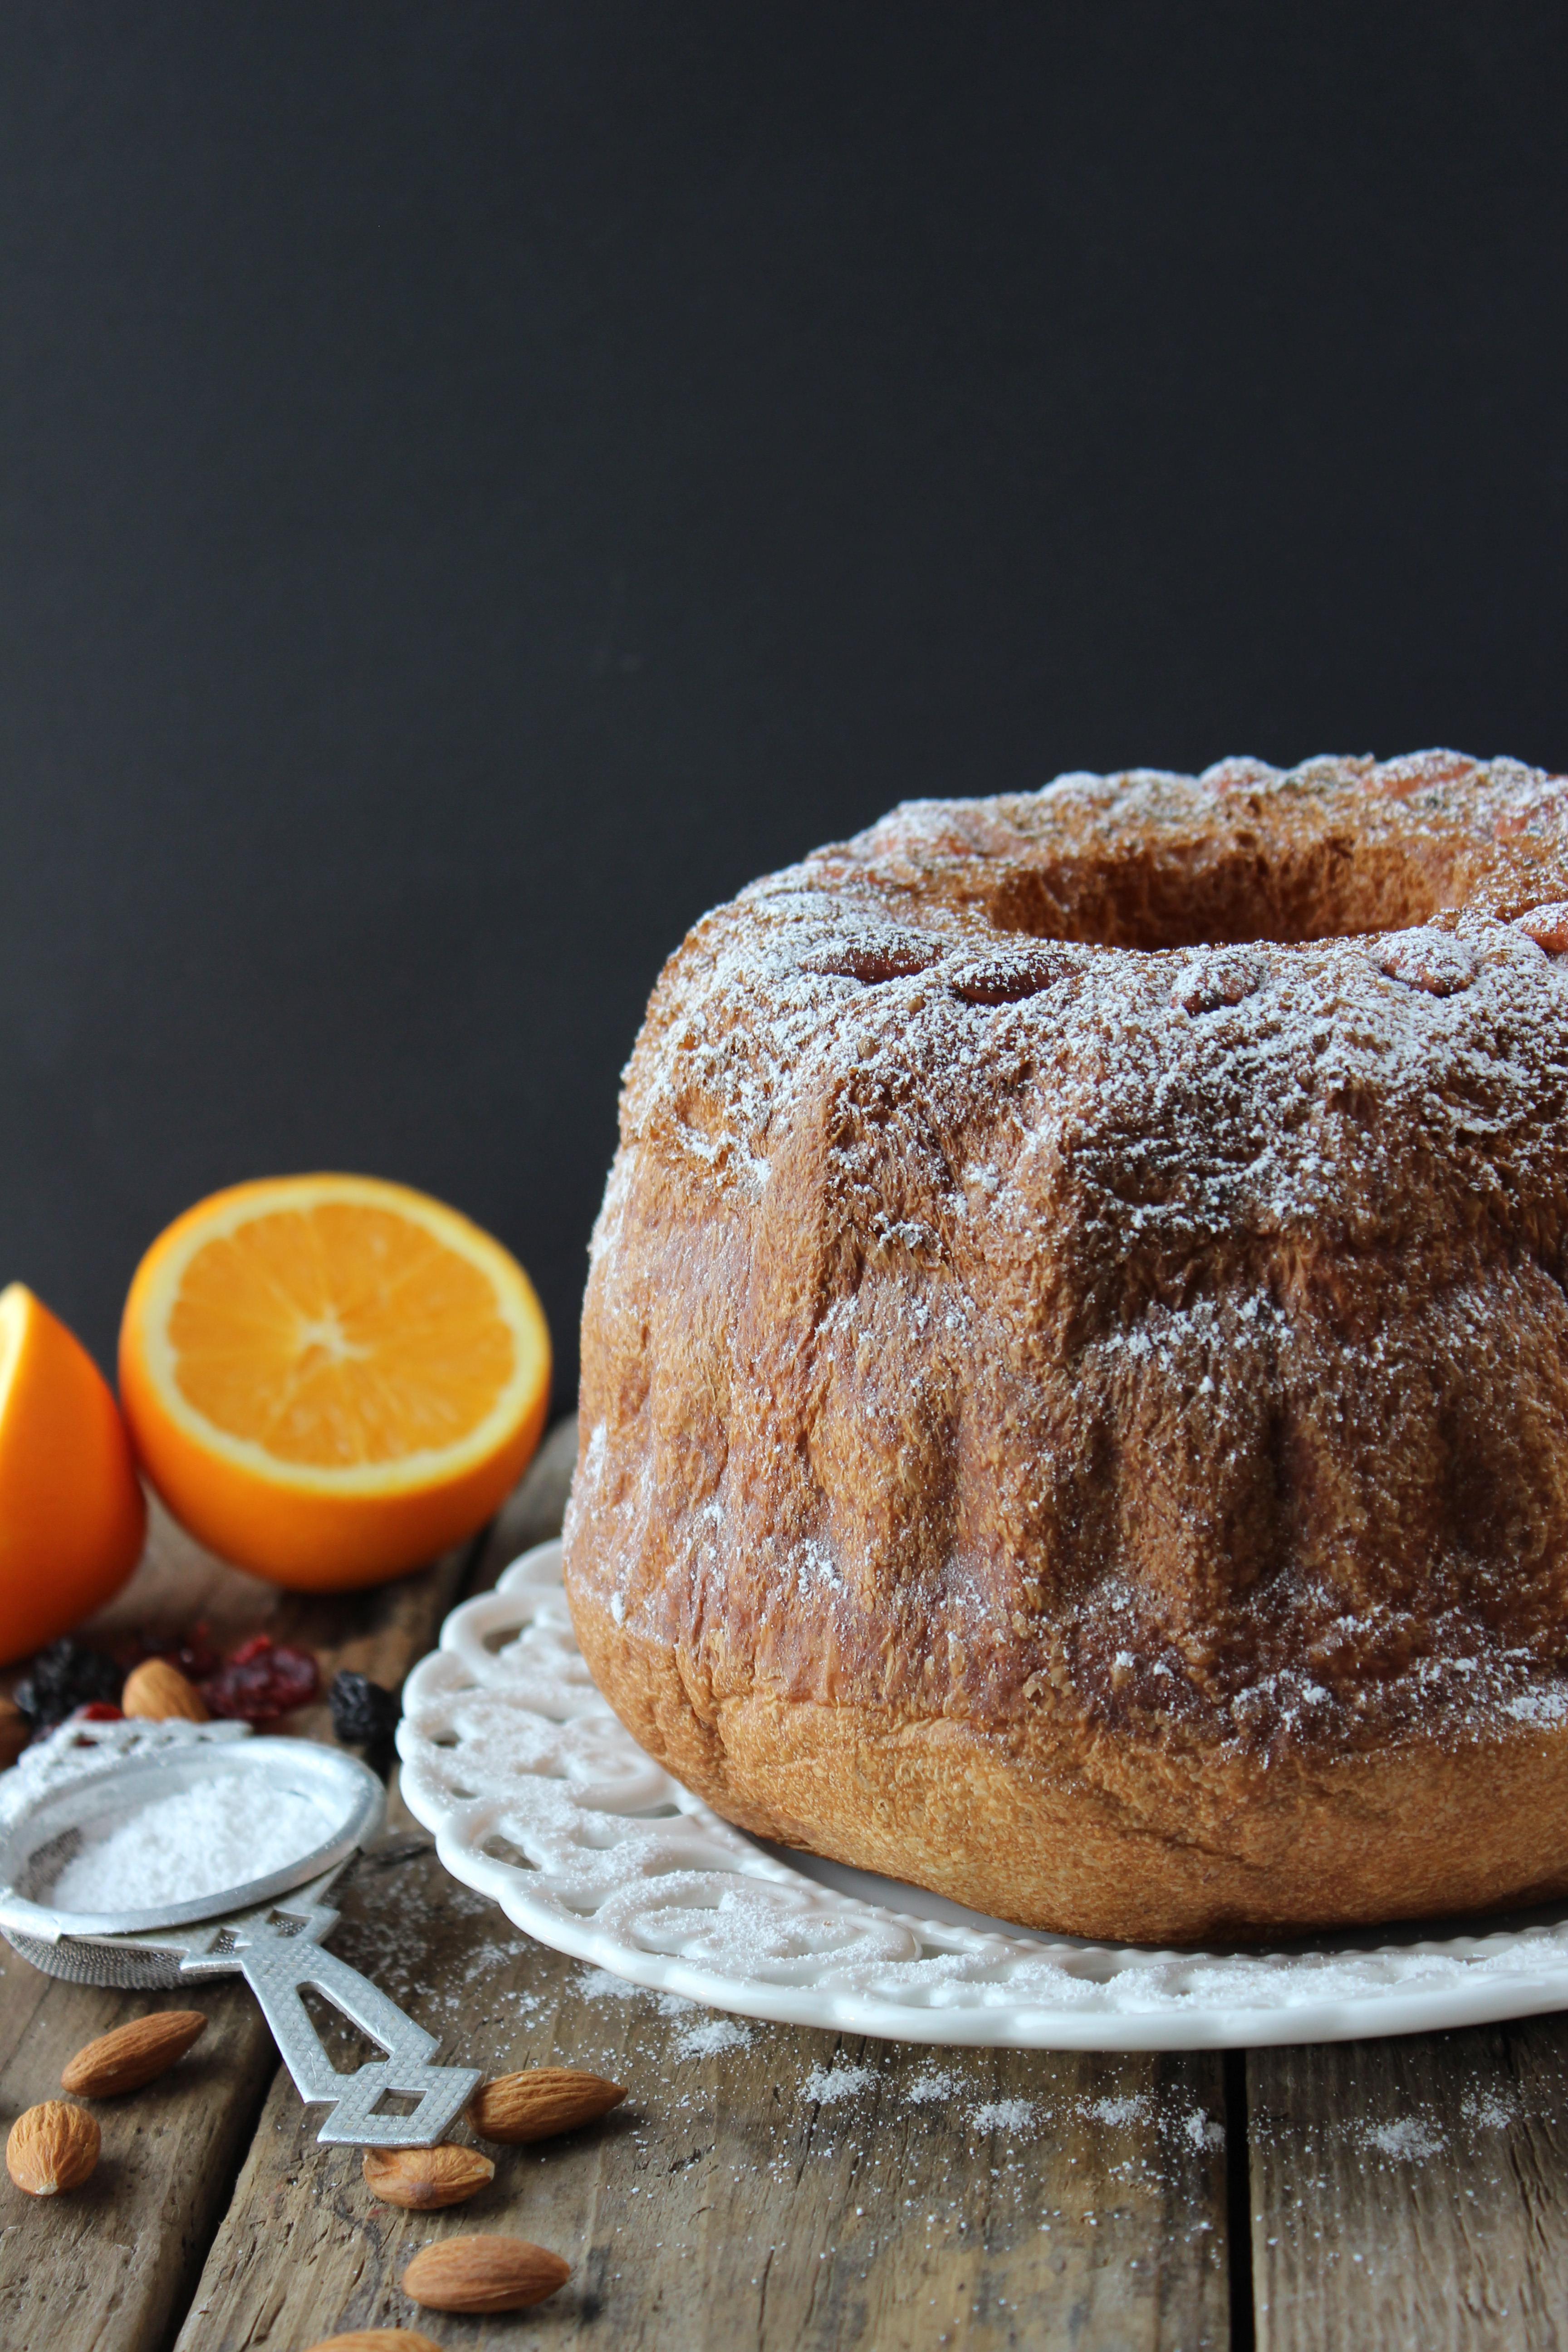 Contest: Gugelhupf a lievitazione naturale con arancia e frutti rossi (di Lyuba Radeva)